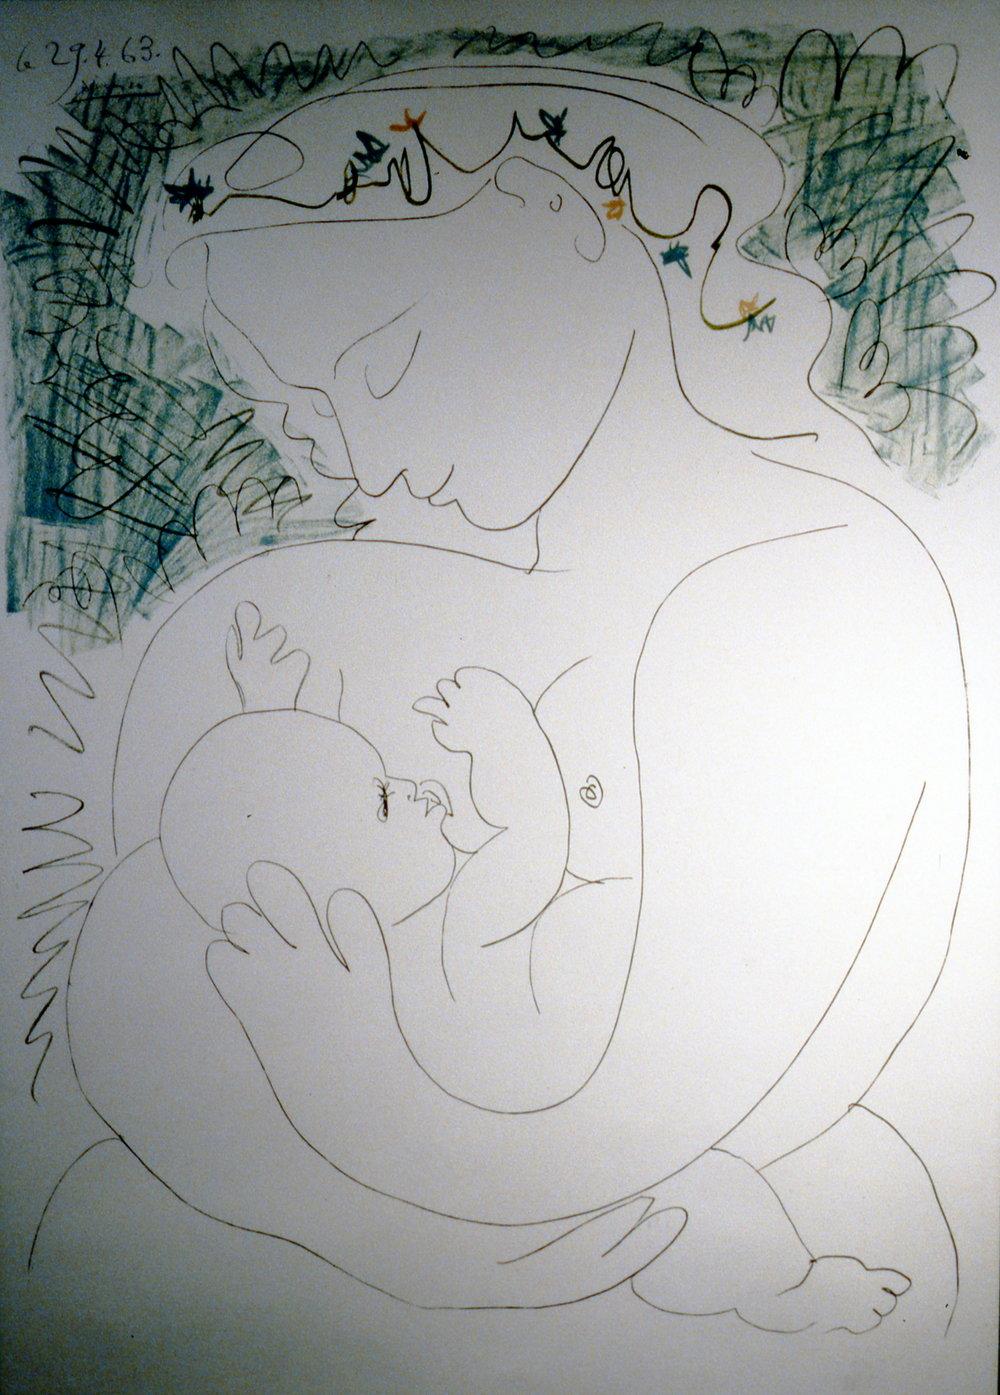 Grande Maternite, 1963, Pablo Picasso. lithograph, 1995.07.01